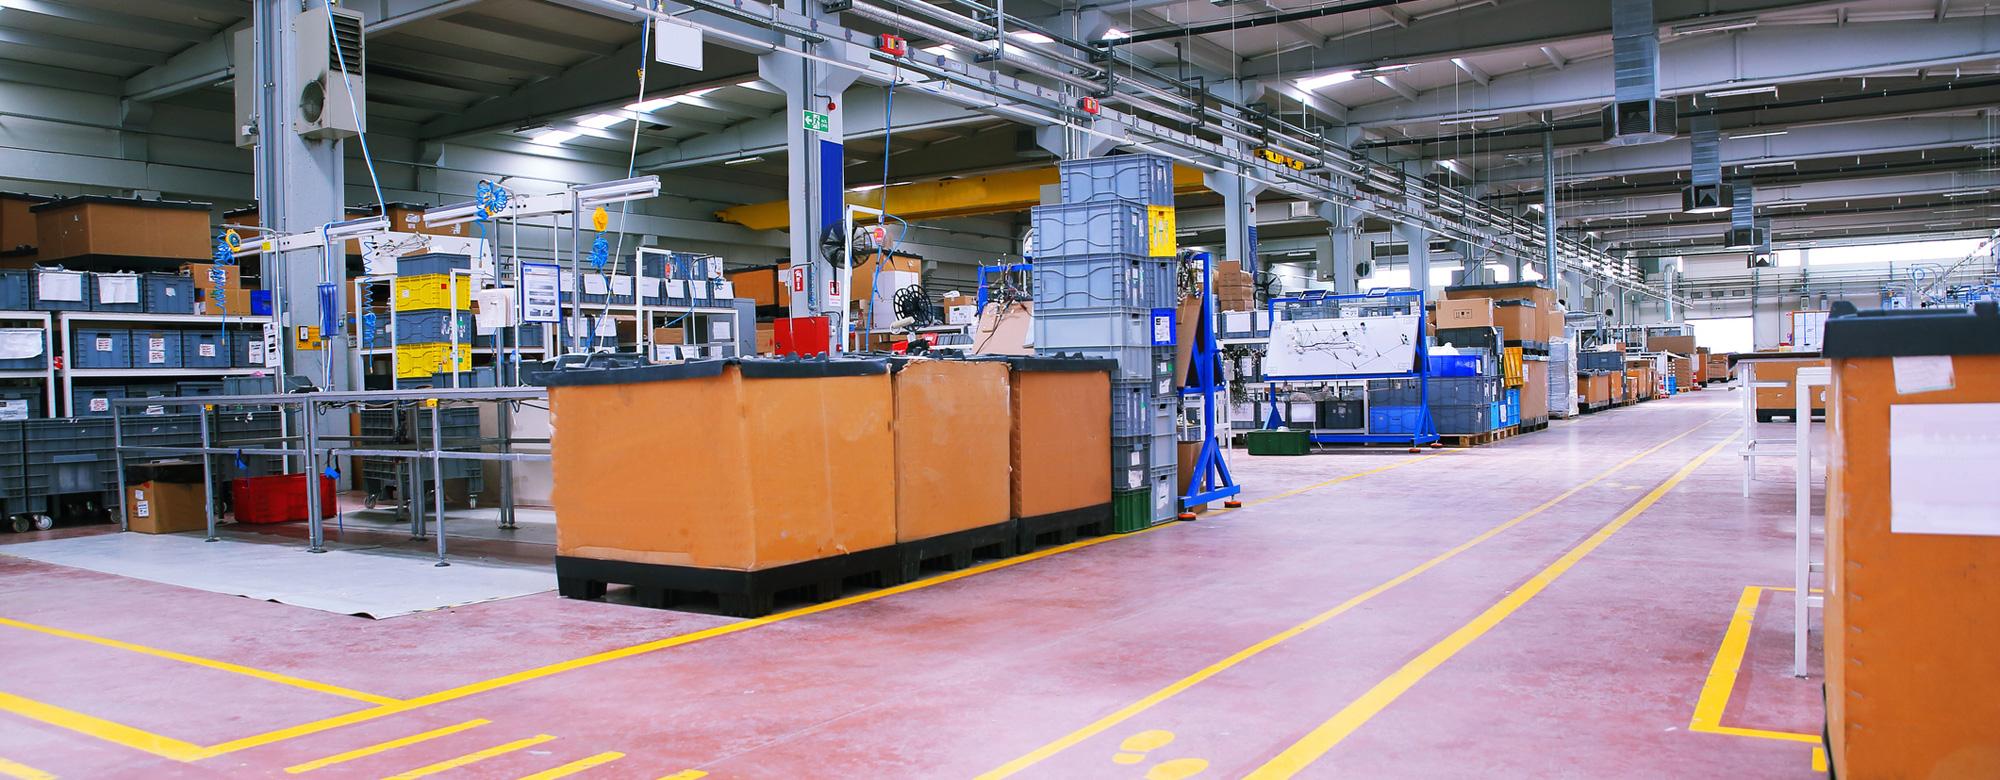 Servizi per la Formazione: contribuzione aziendale una tantum - CCNL Industria Metalmeccanica